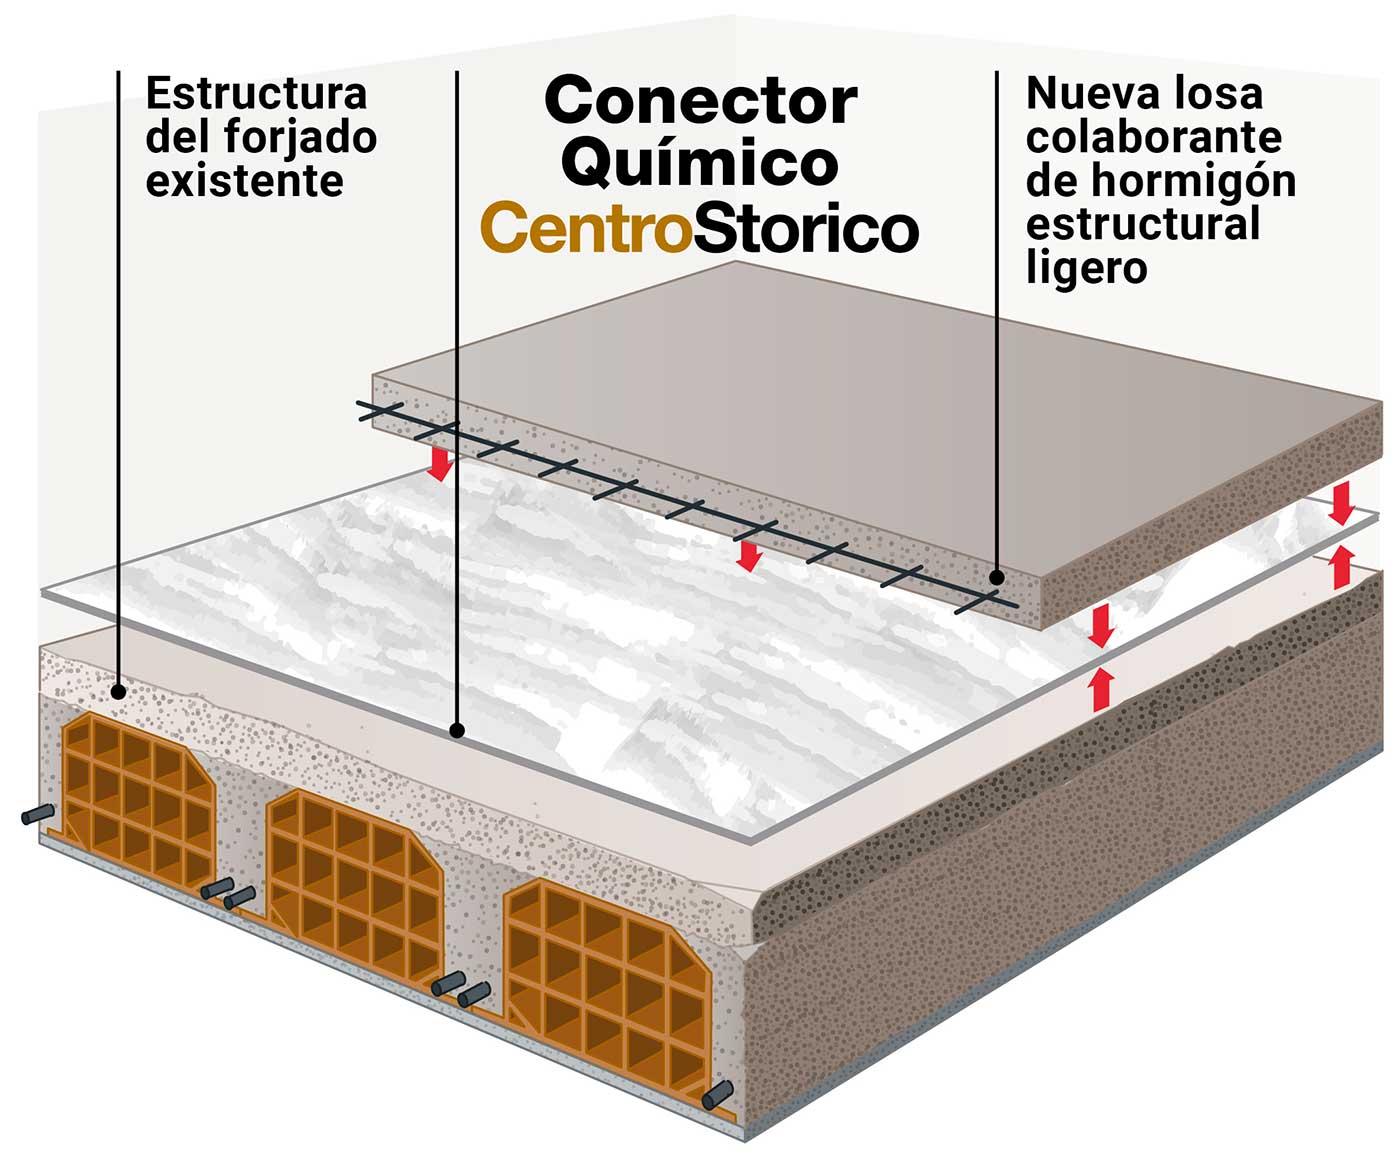 refuerzo-forjado-hormigon-unidireccional-conector-quimico-hormigon-ligero-estructural-1